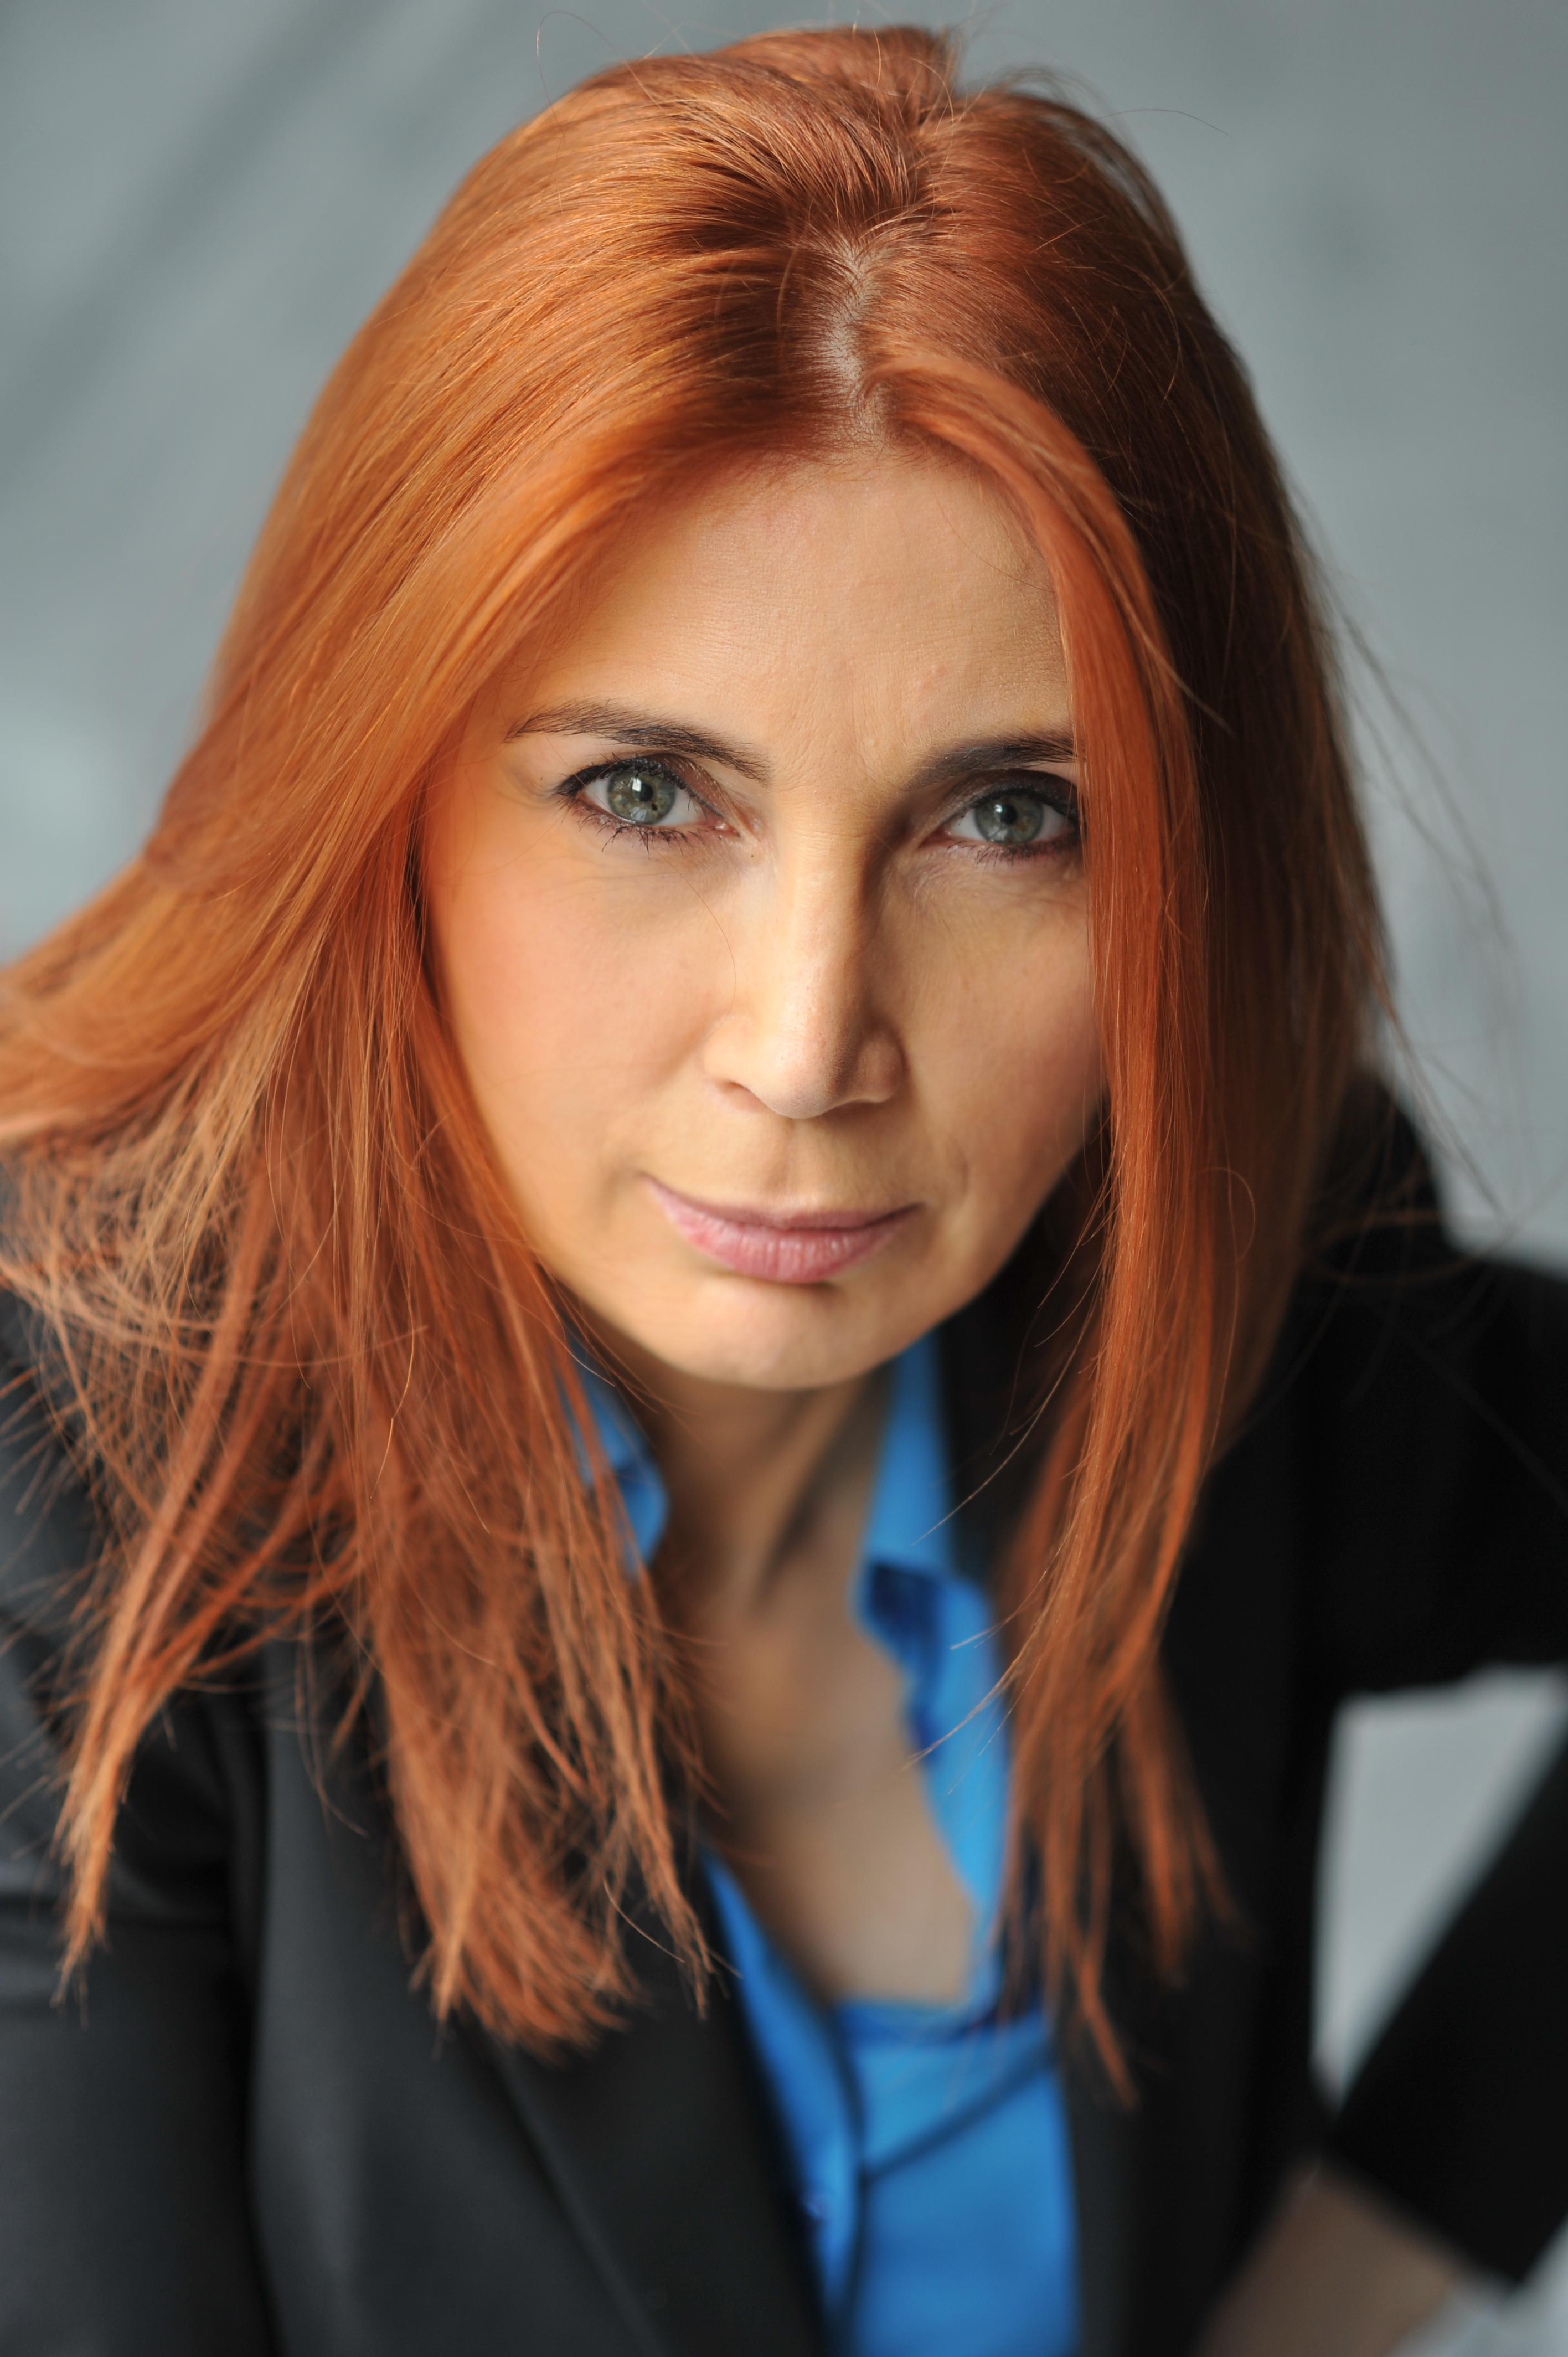 Izabella Gorczyca